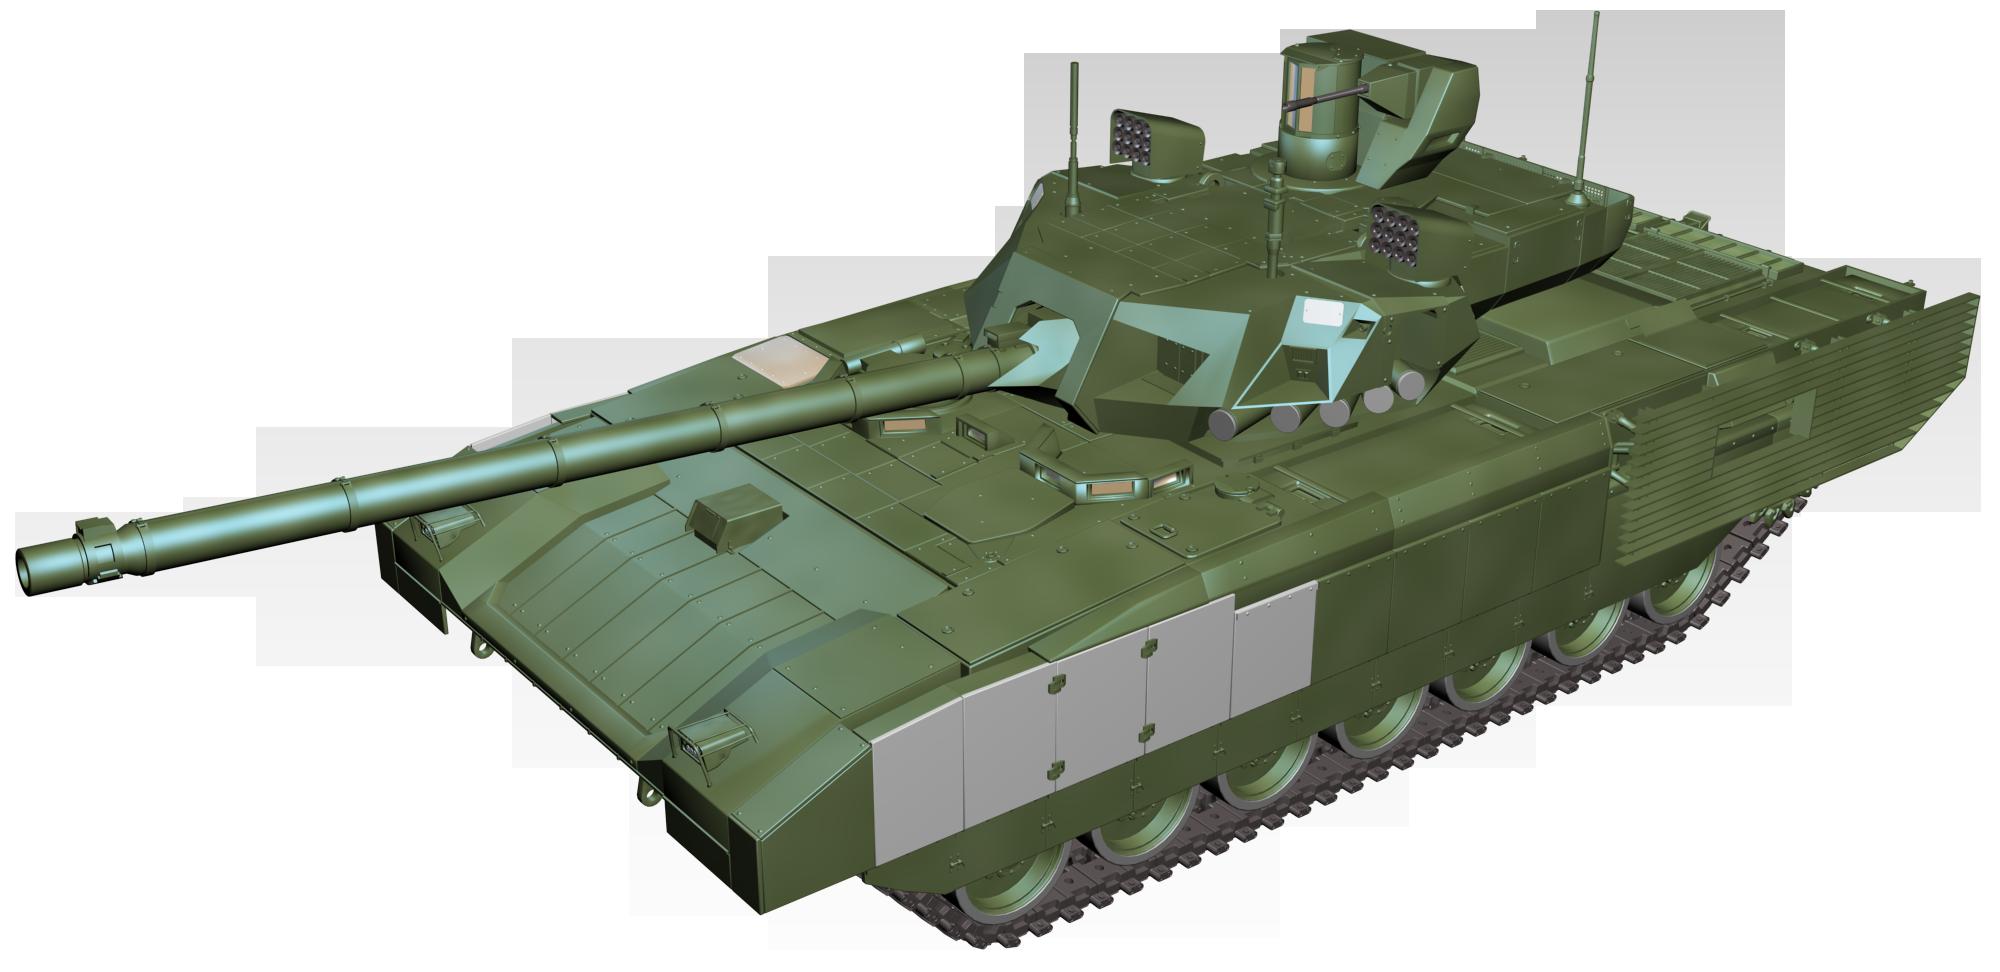 T 14 armata clipart clip art T 14 Armata Tank Perspective View Png Clipart – Clipartly.com clip art